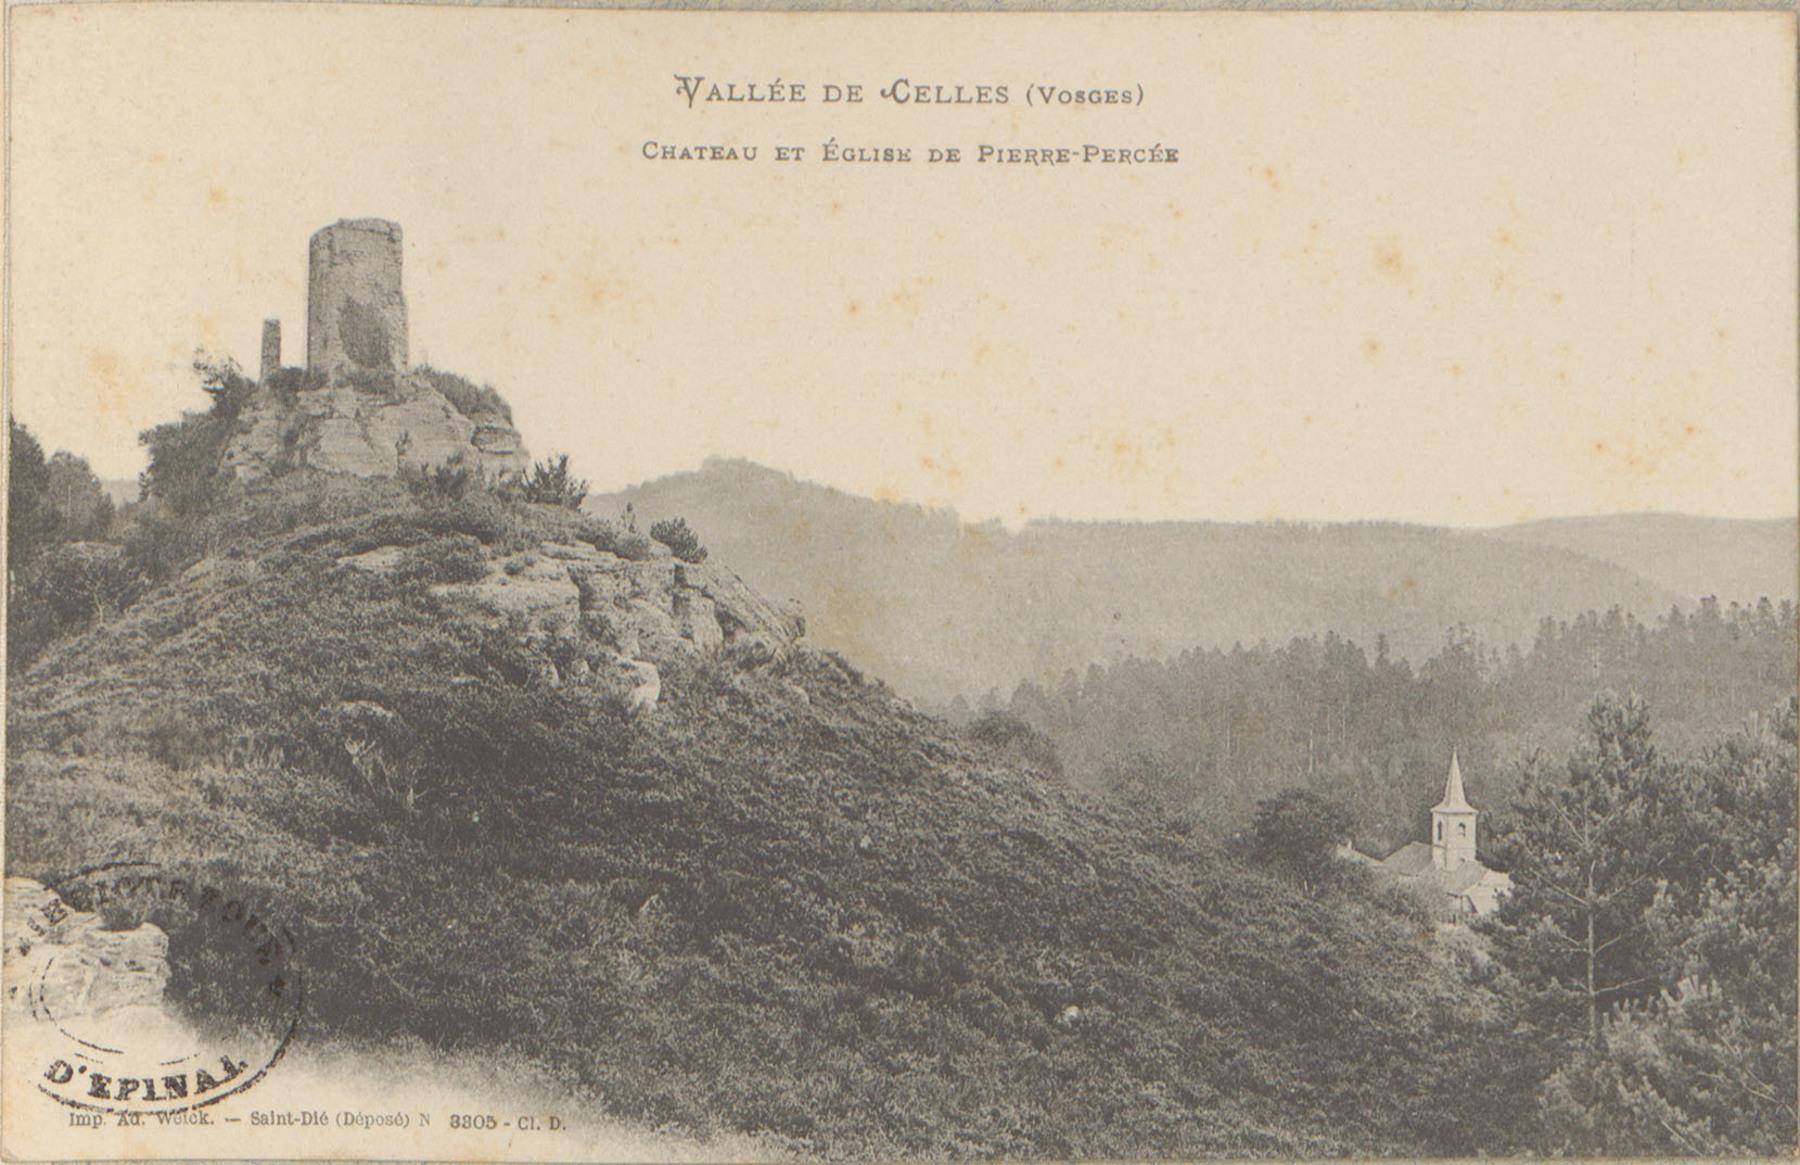 Contenu du Vallée de Celles (Vosges), Château et Église de Pierre-Percée